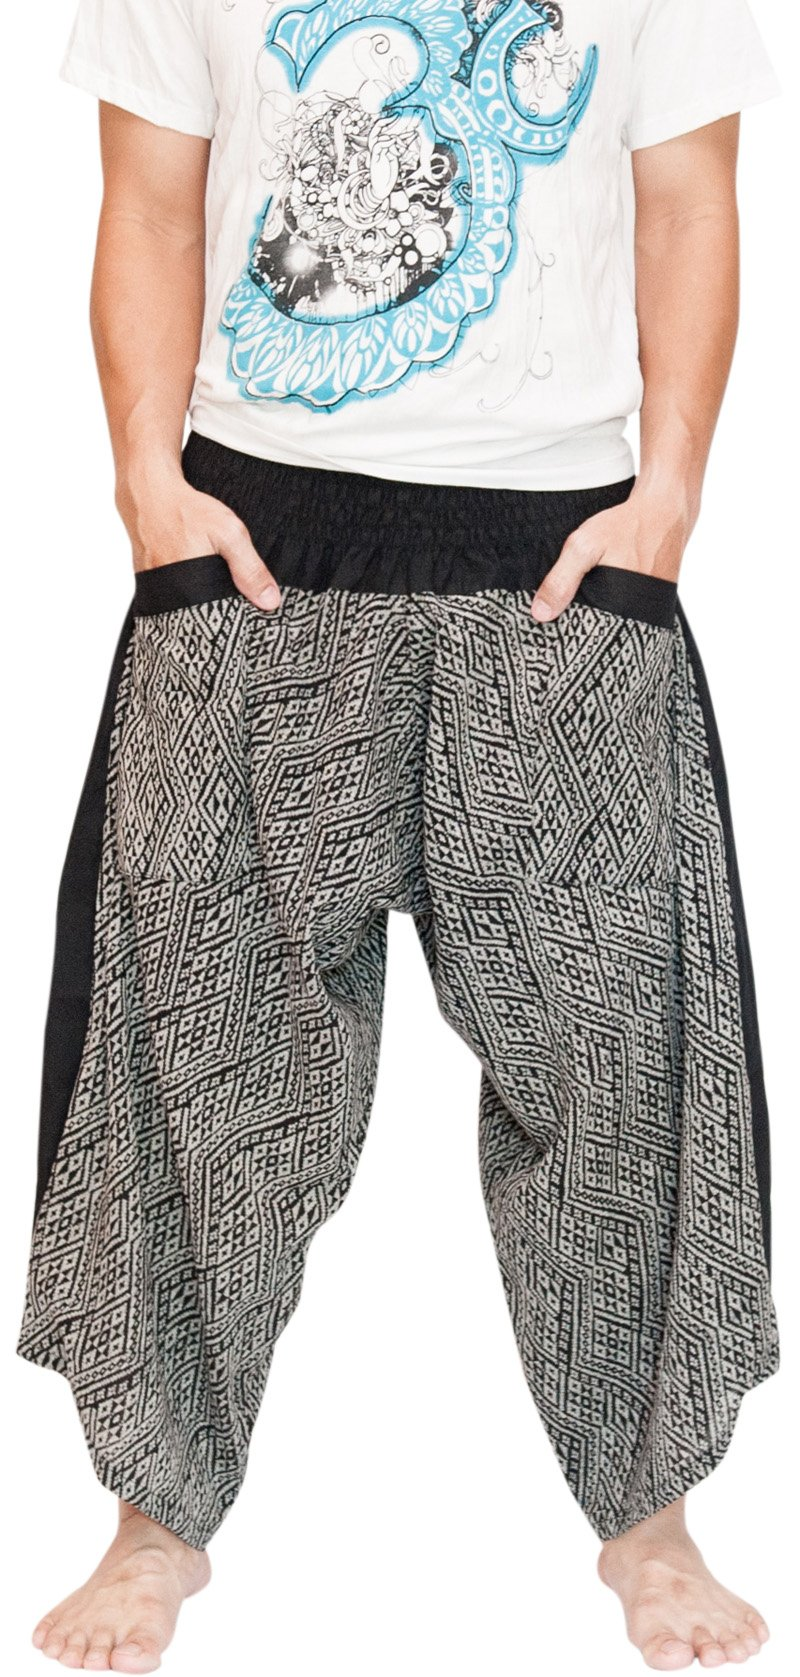 BohoHill Ninja Samurai Harem Pants Unisex Active Trousers Diamond Weaving Black